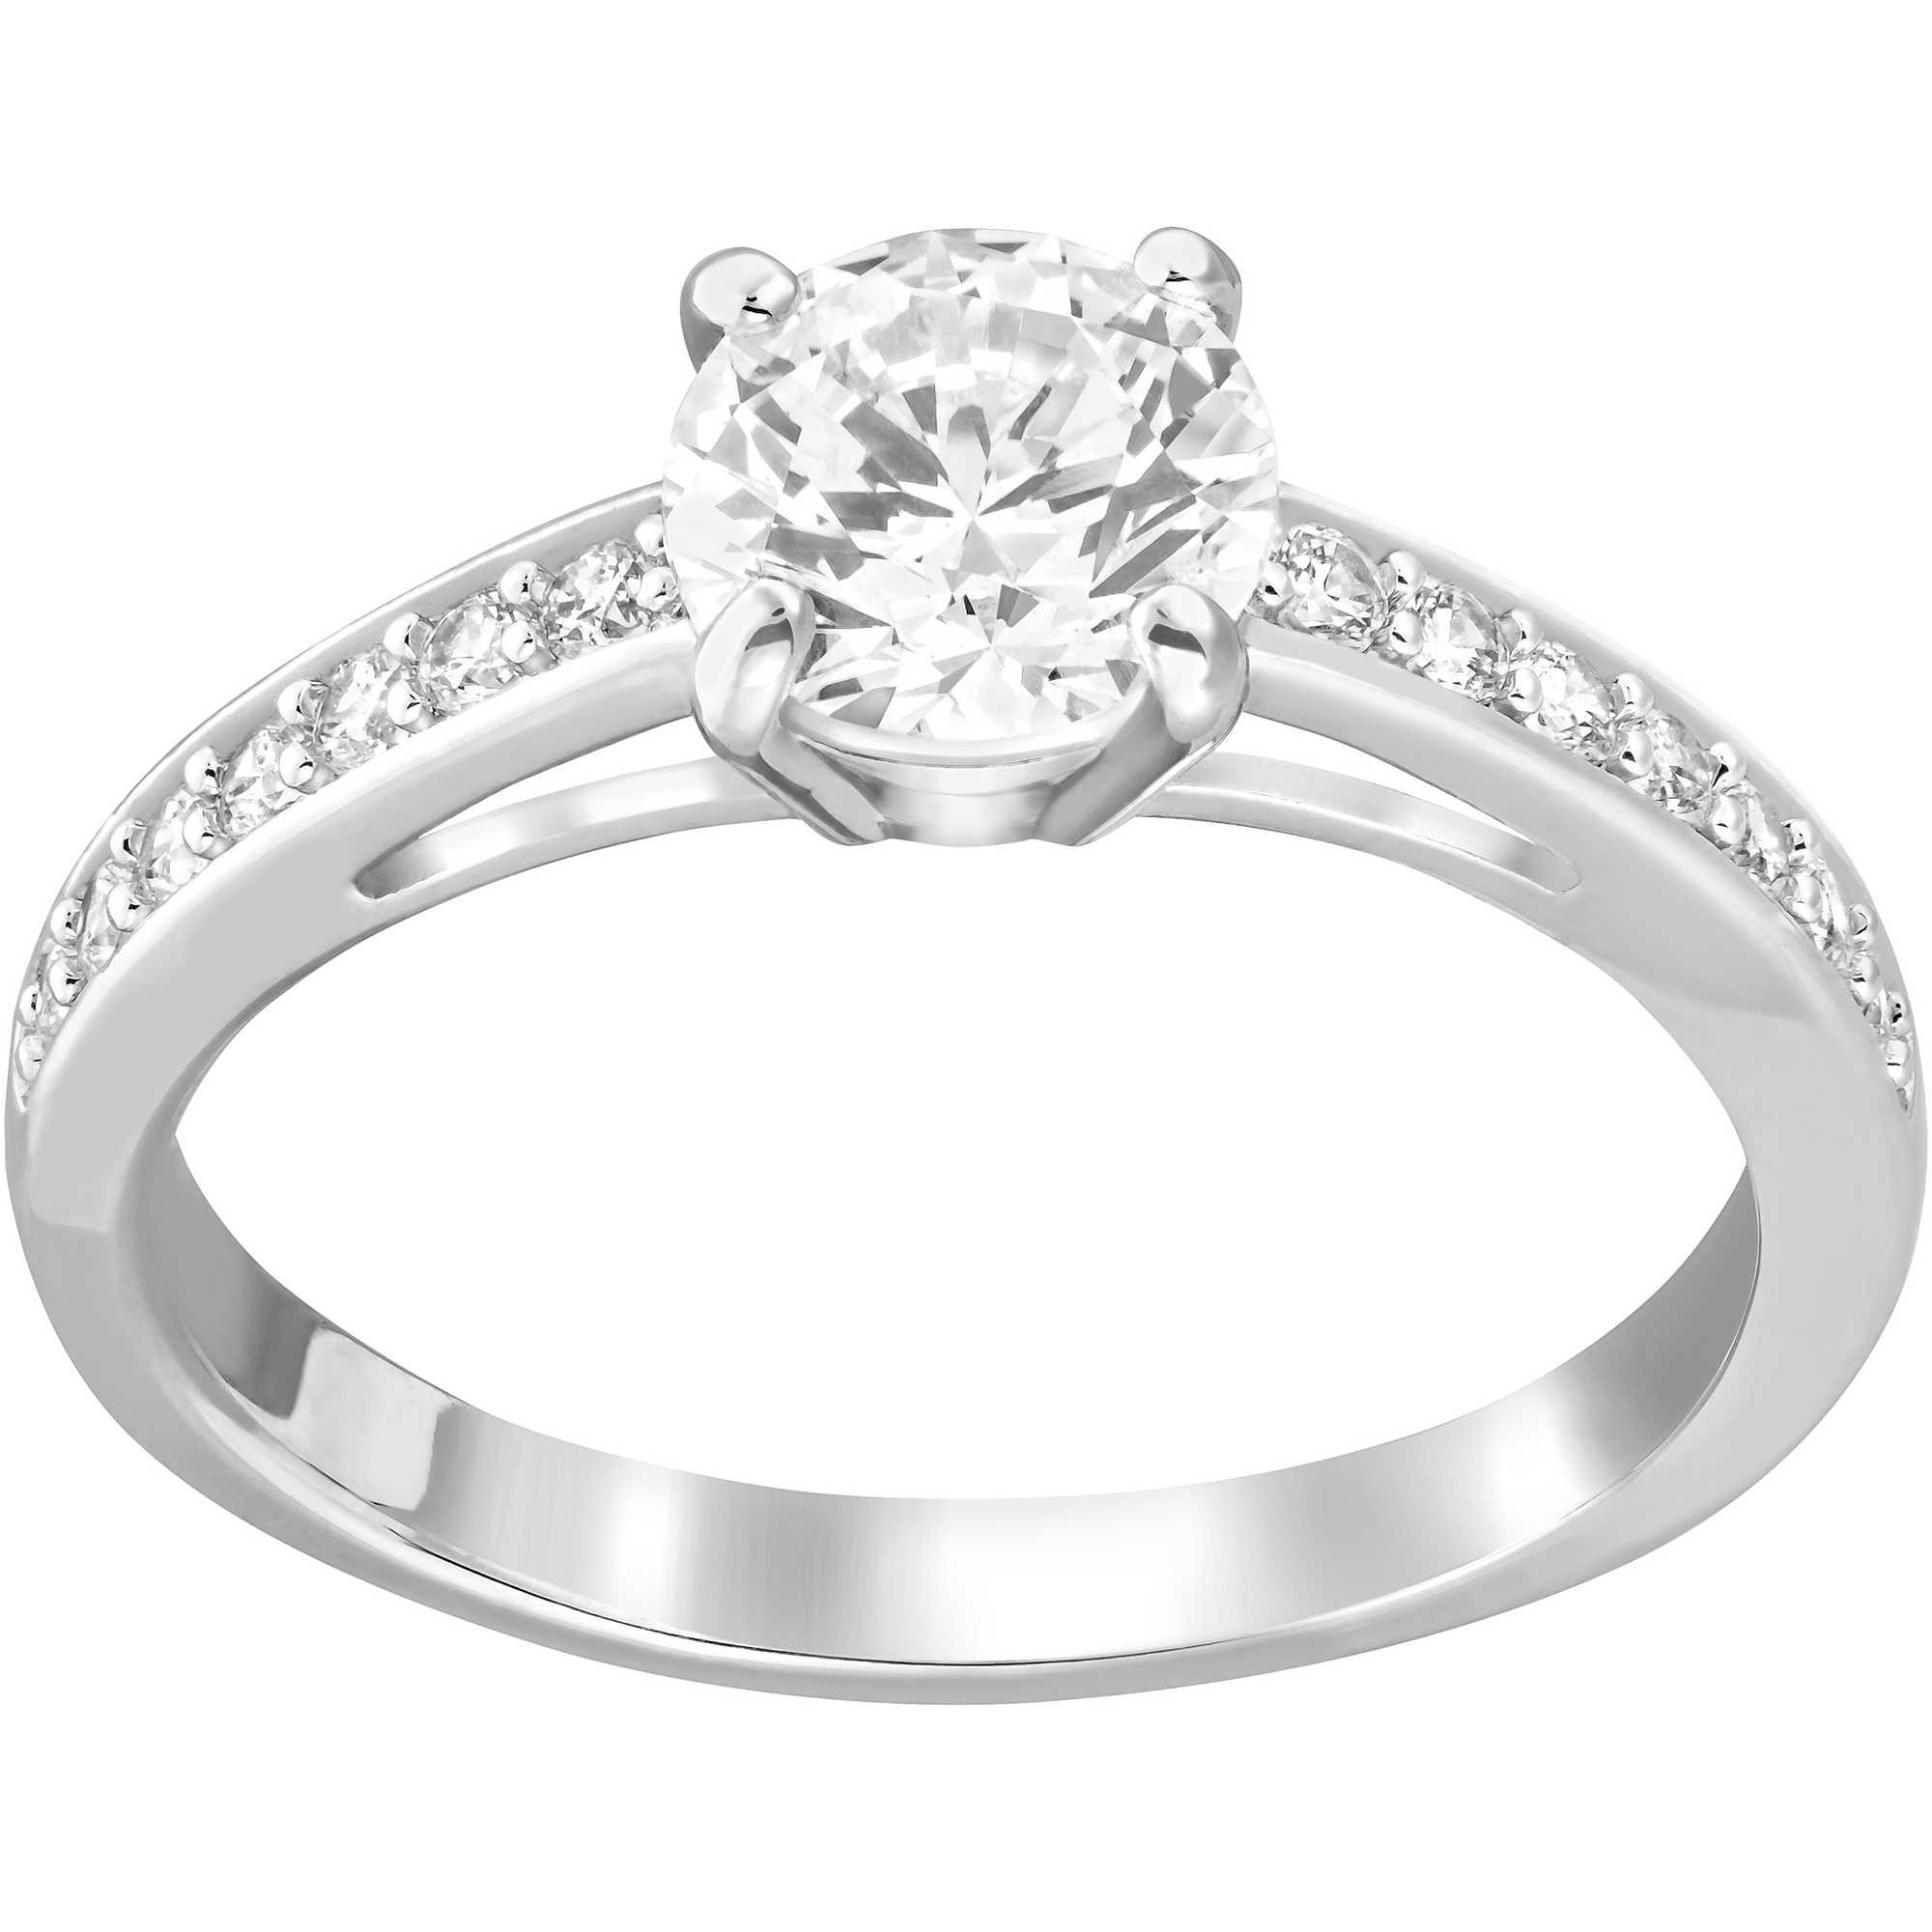 foto ufficiali b05c3 39fc9 anello donna gioielli Swarovski Attract 5032919